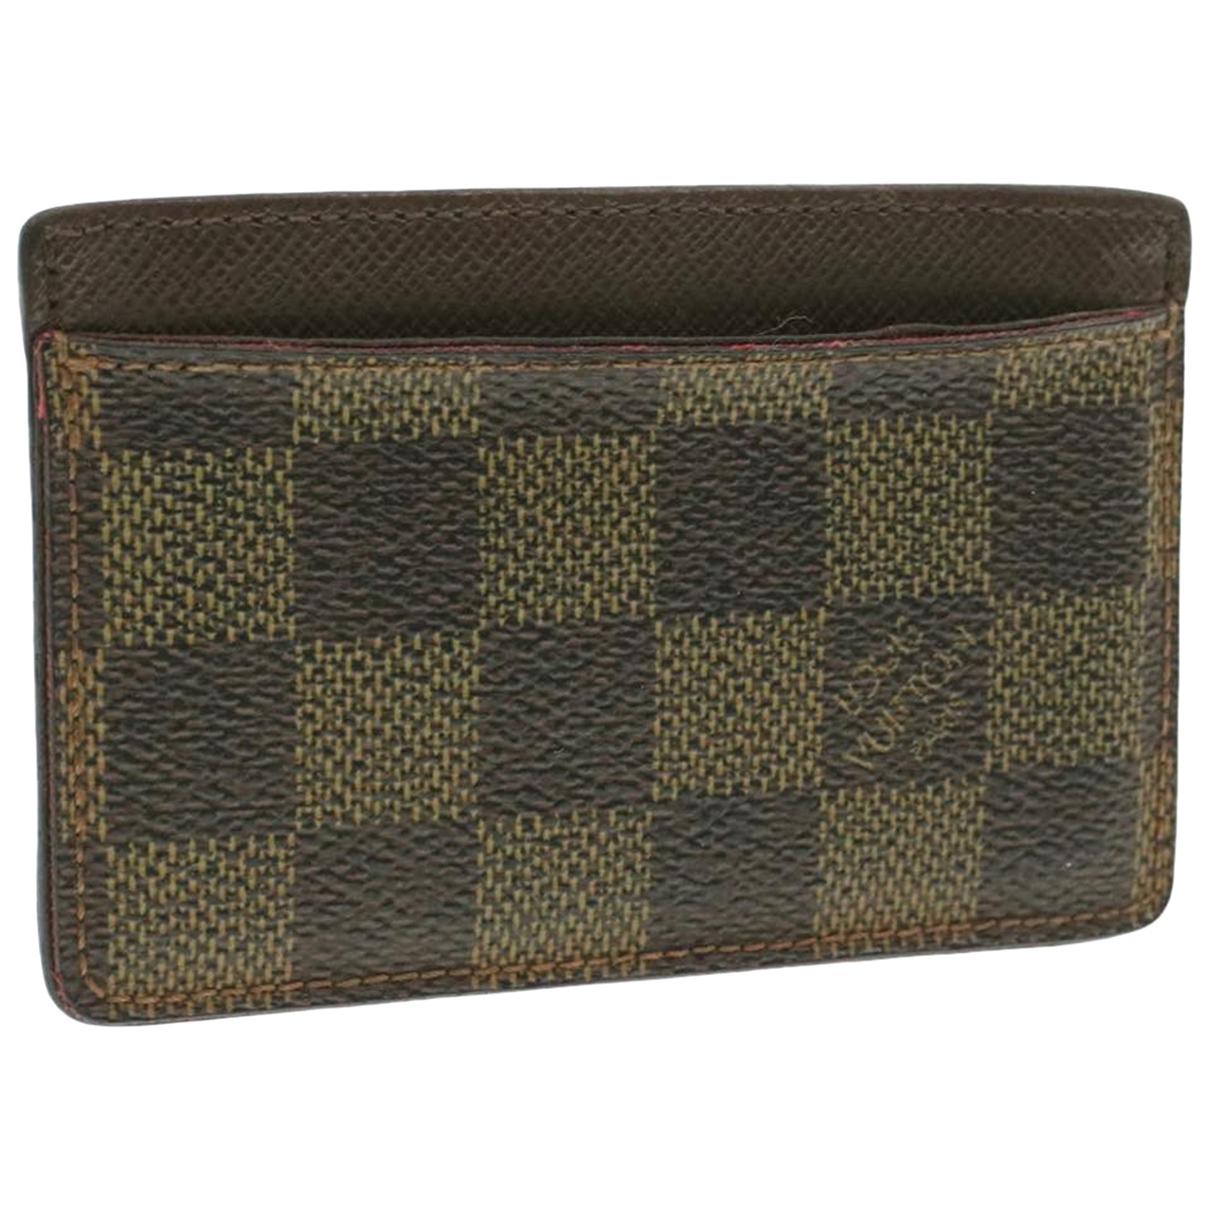 Louis Vuitton N Brown scarf for Women N